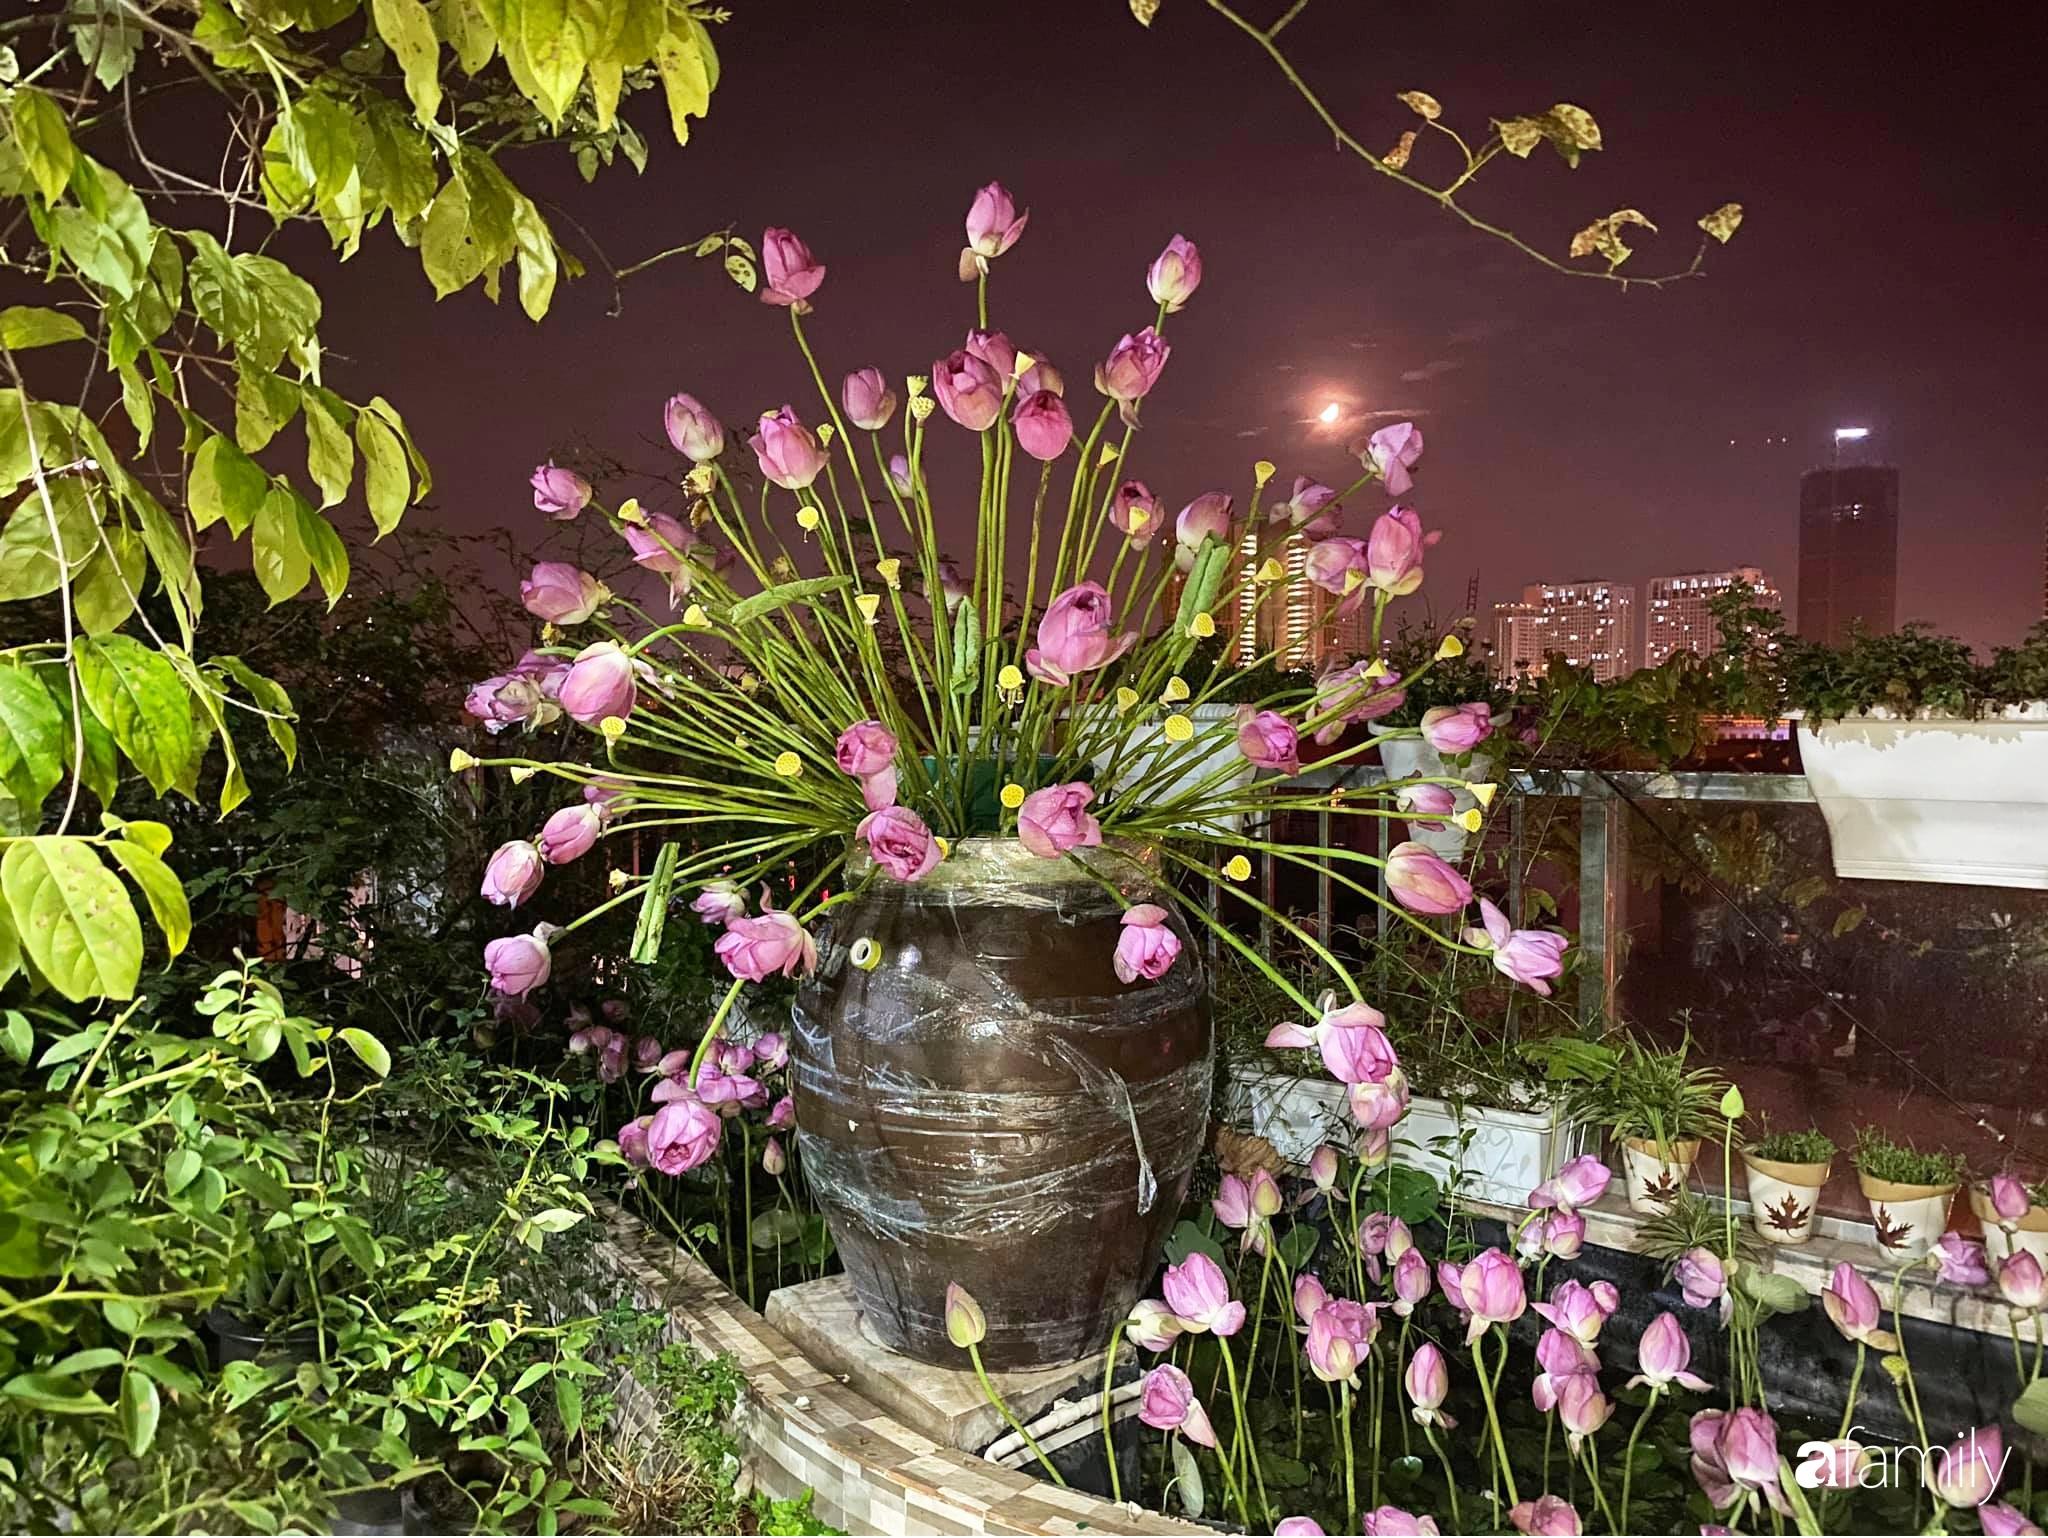 Bà mẹ Hà Nội tỉ mẩn dành 4 tiếng để tự cắm 1000 bông sen mang sắc màu mùa hạ lên sân thượng 200m² - Ảnh 13.